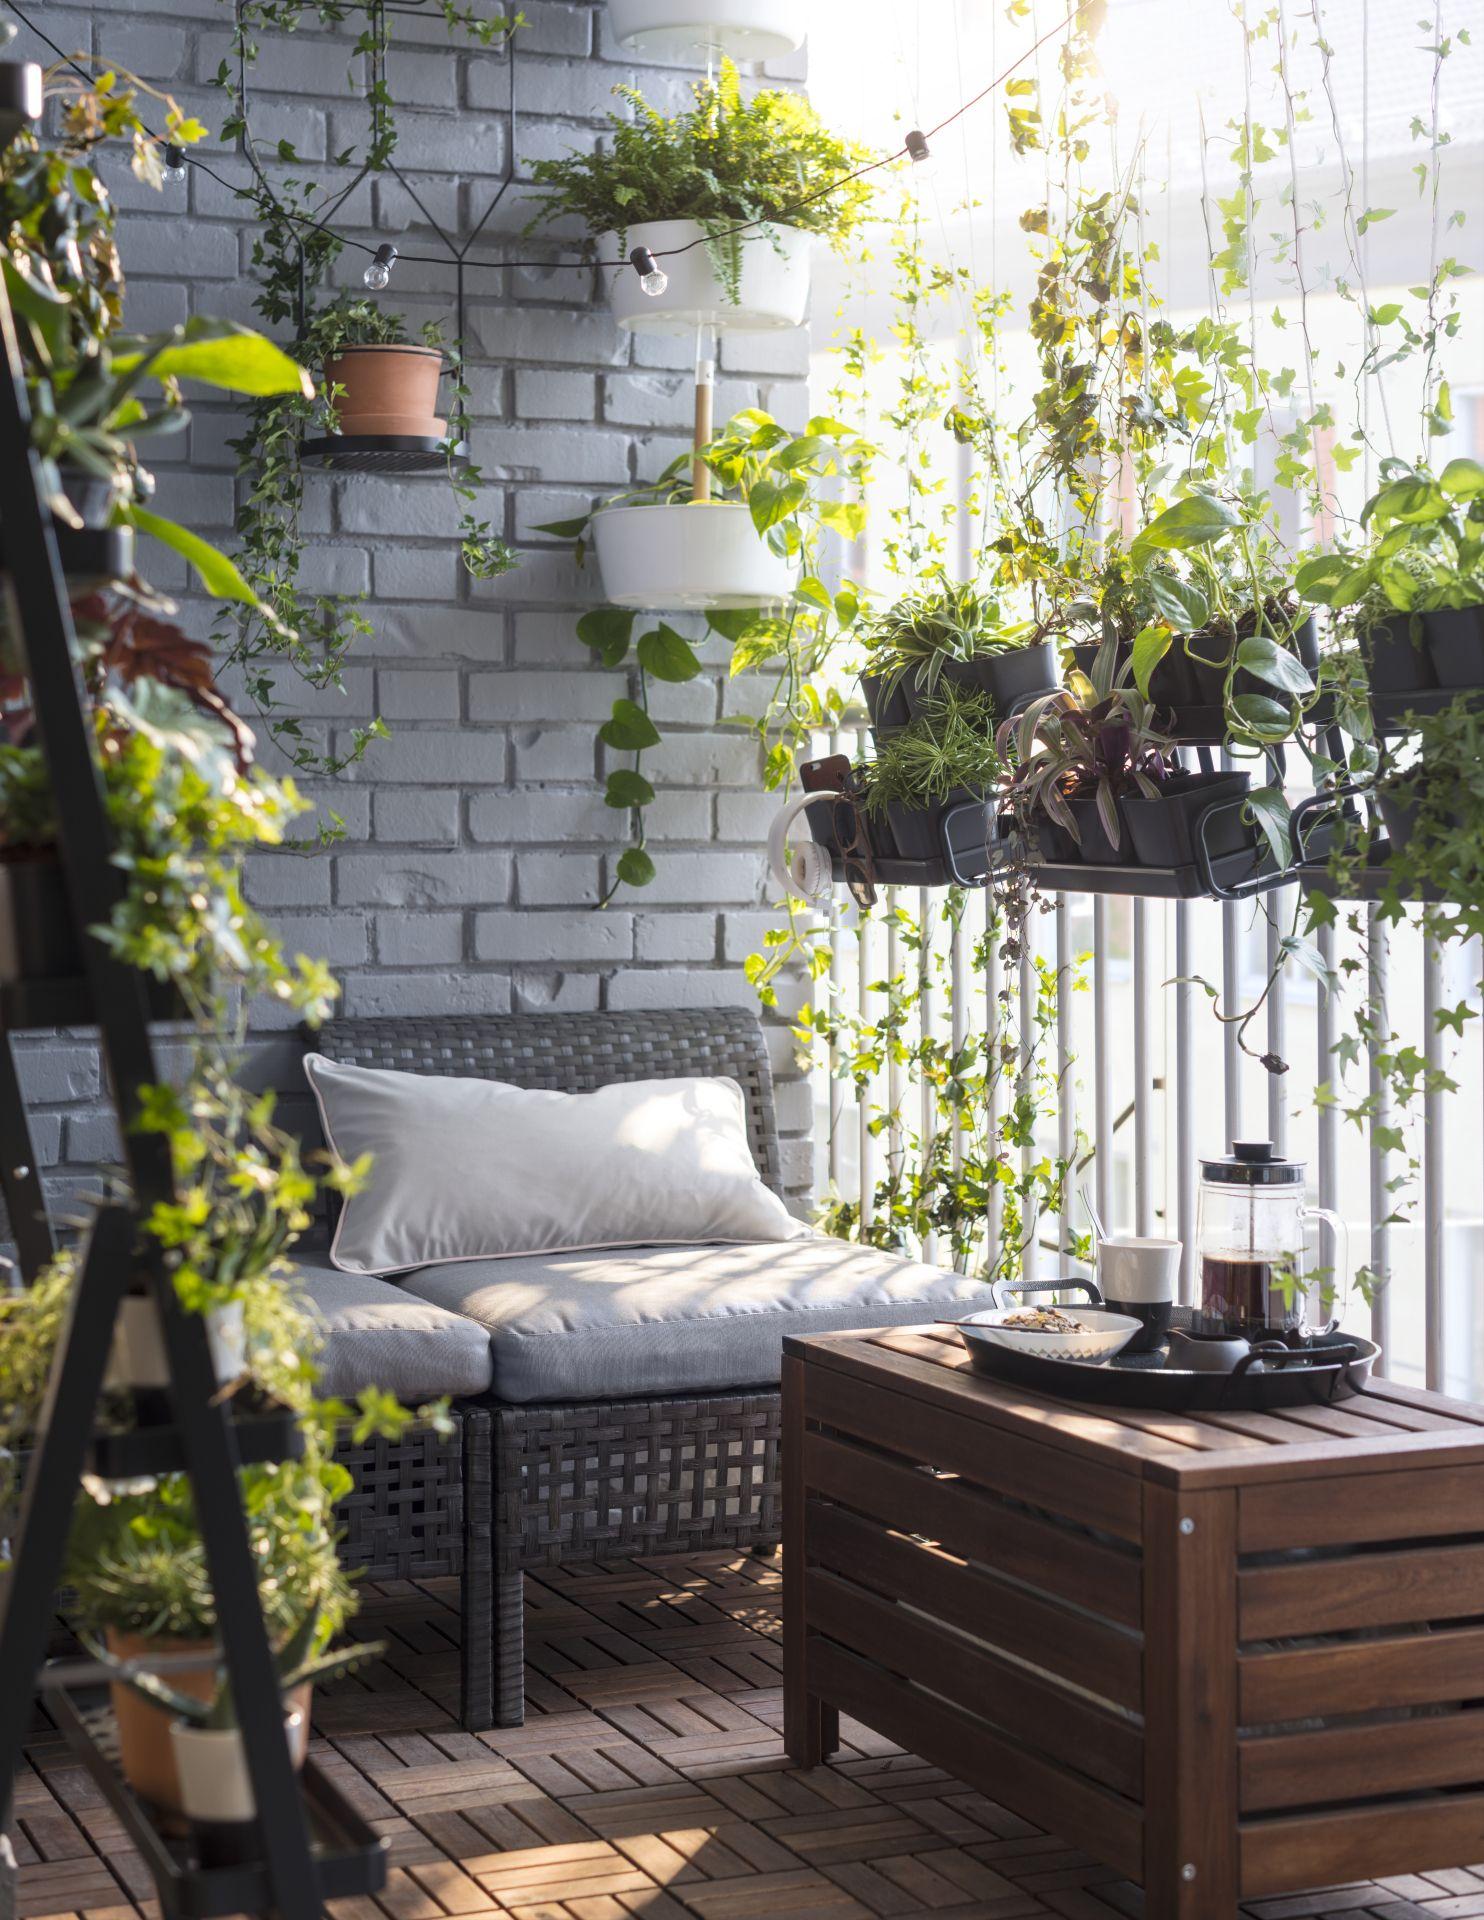 kungsholmen sitzelement 1 au en schwarzbraun garden and balkony. Black Bedroom Furniture Sets. Home Design Ideas